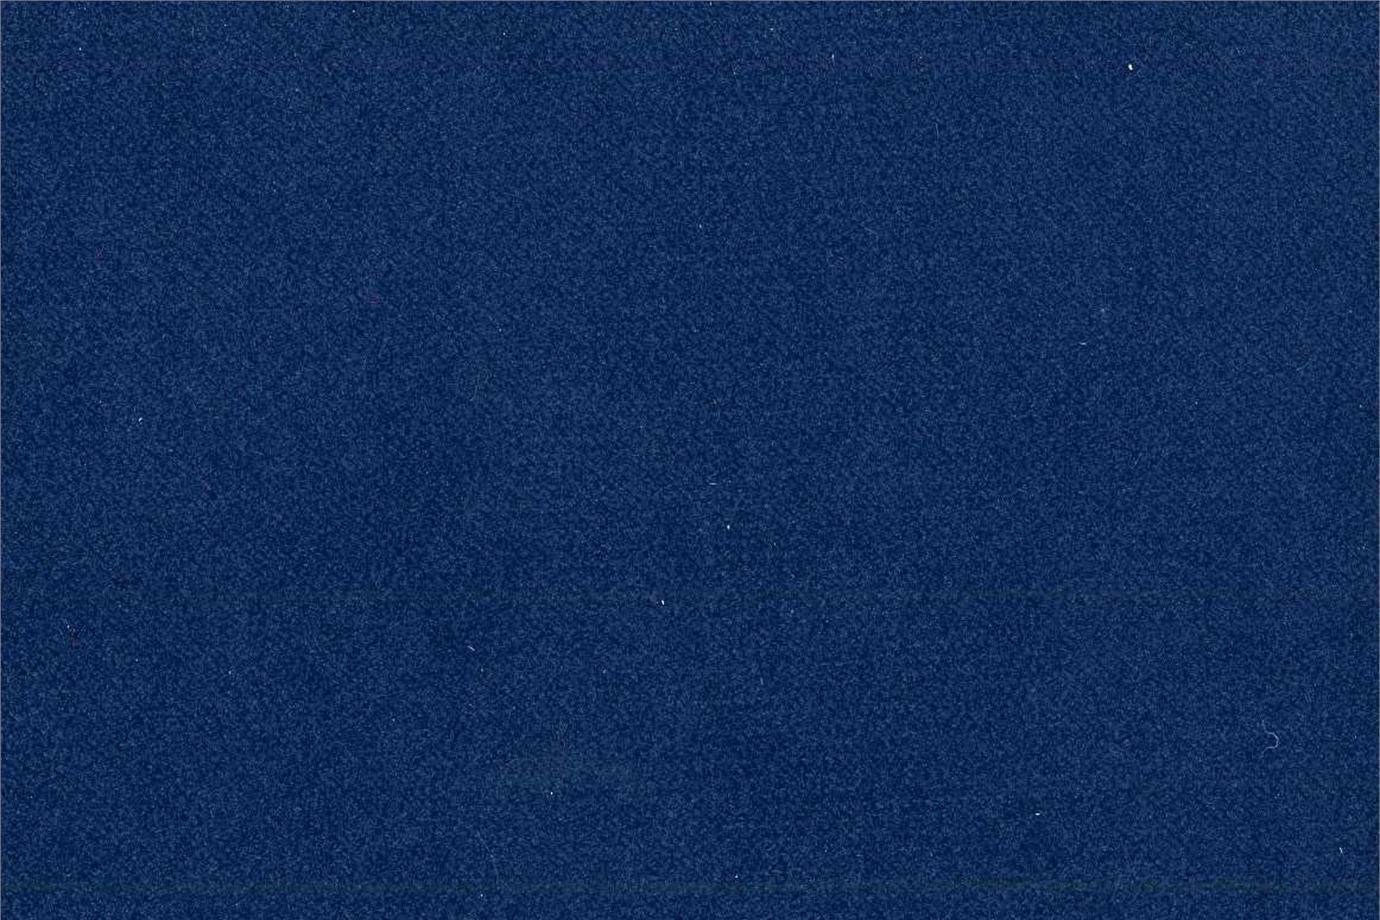 ac116 orione 005 blu cina brochier